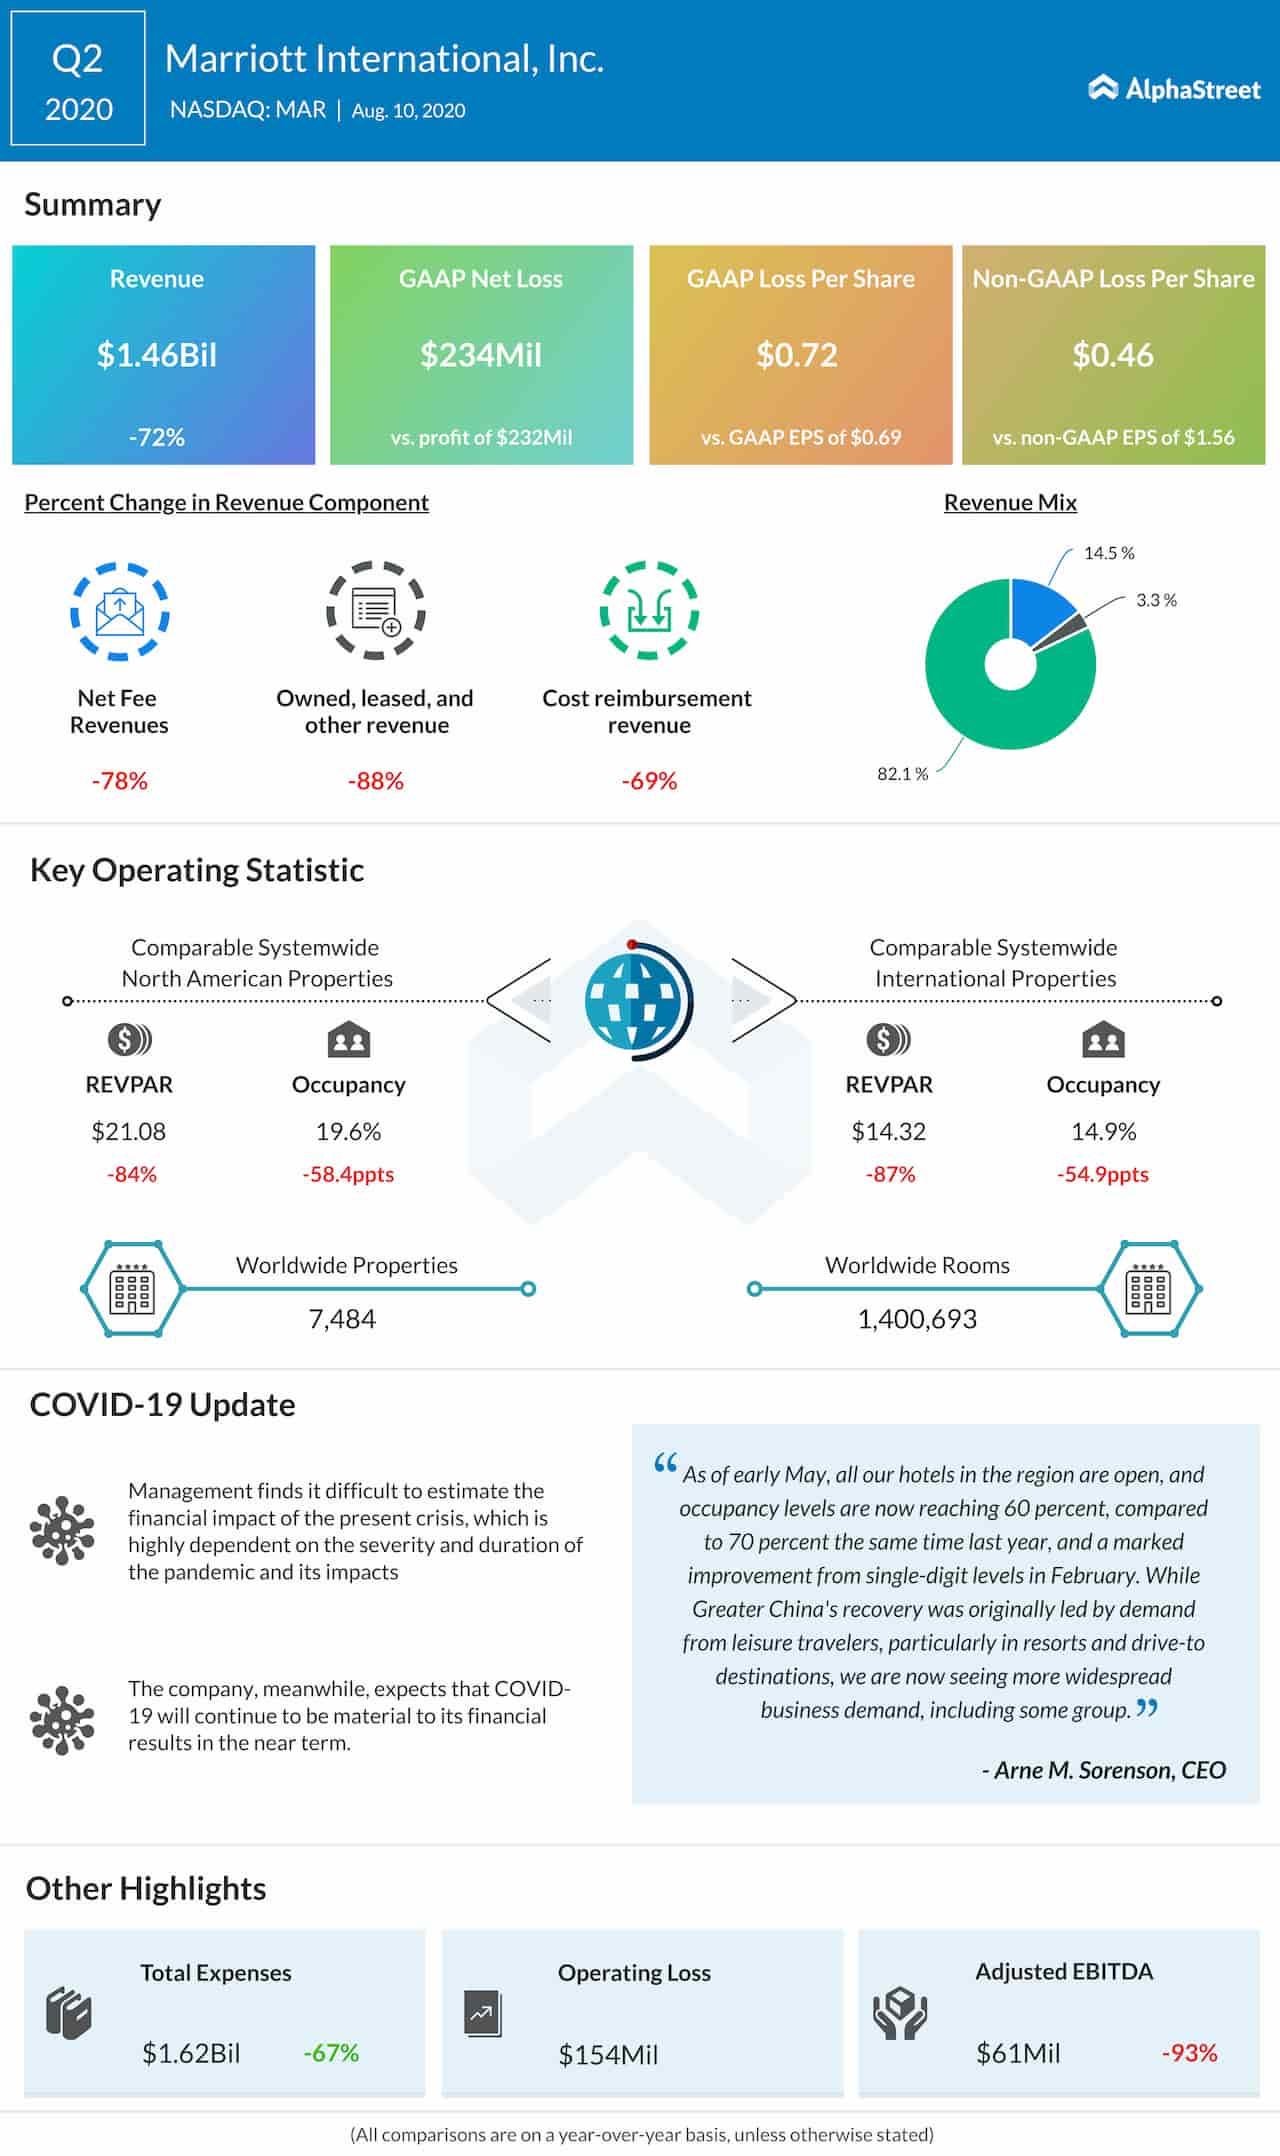 Marriott International Q2 2020 Earnings Infographic